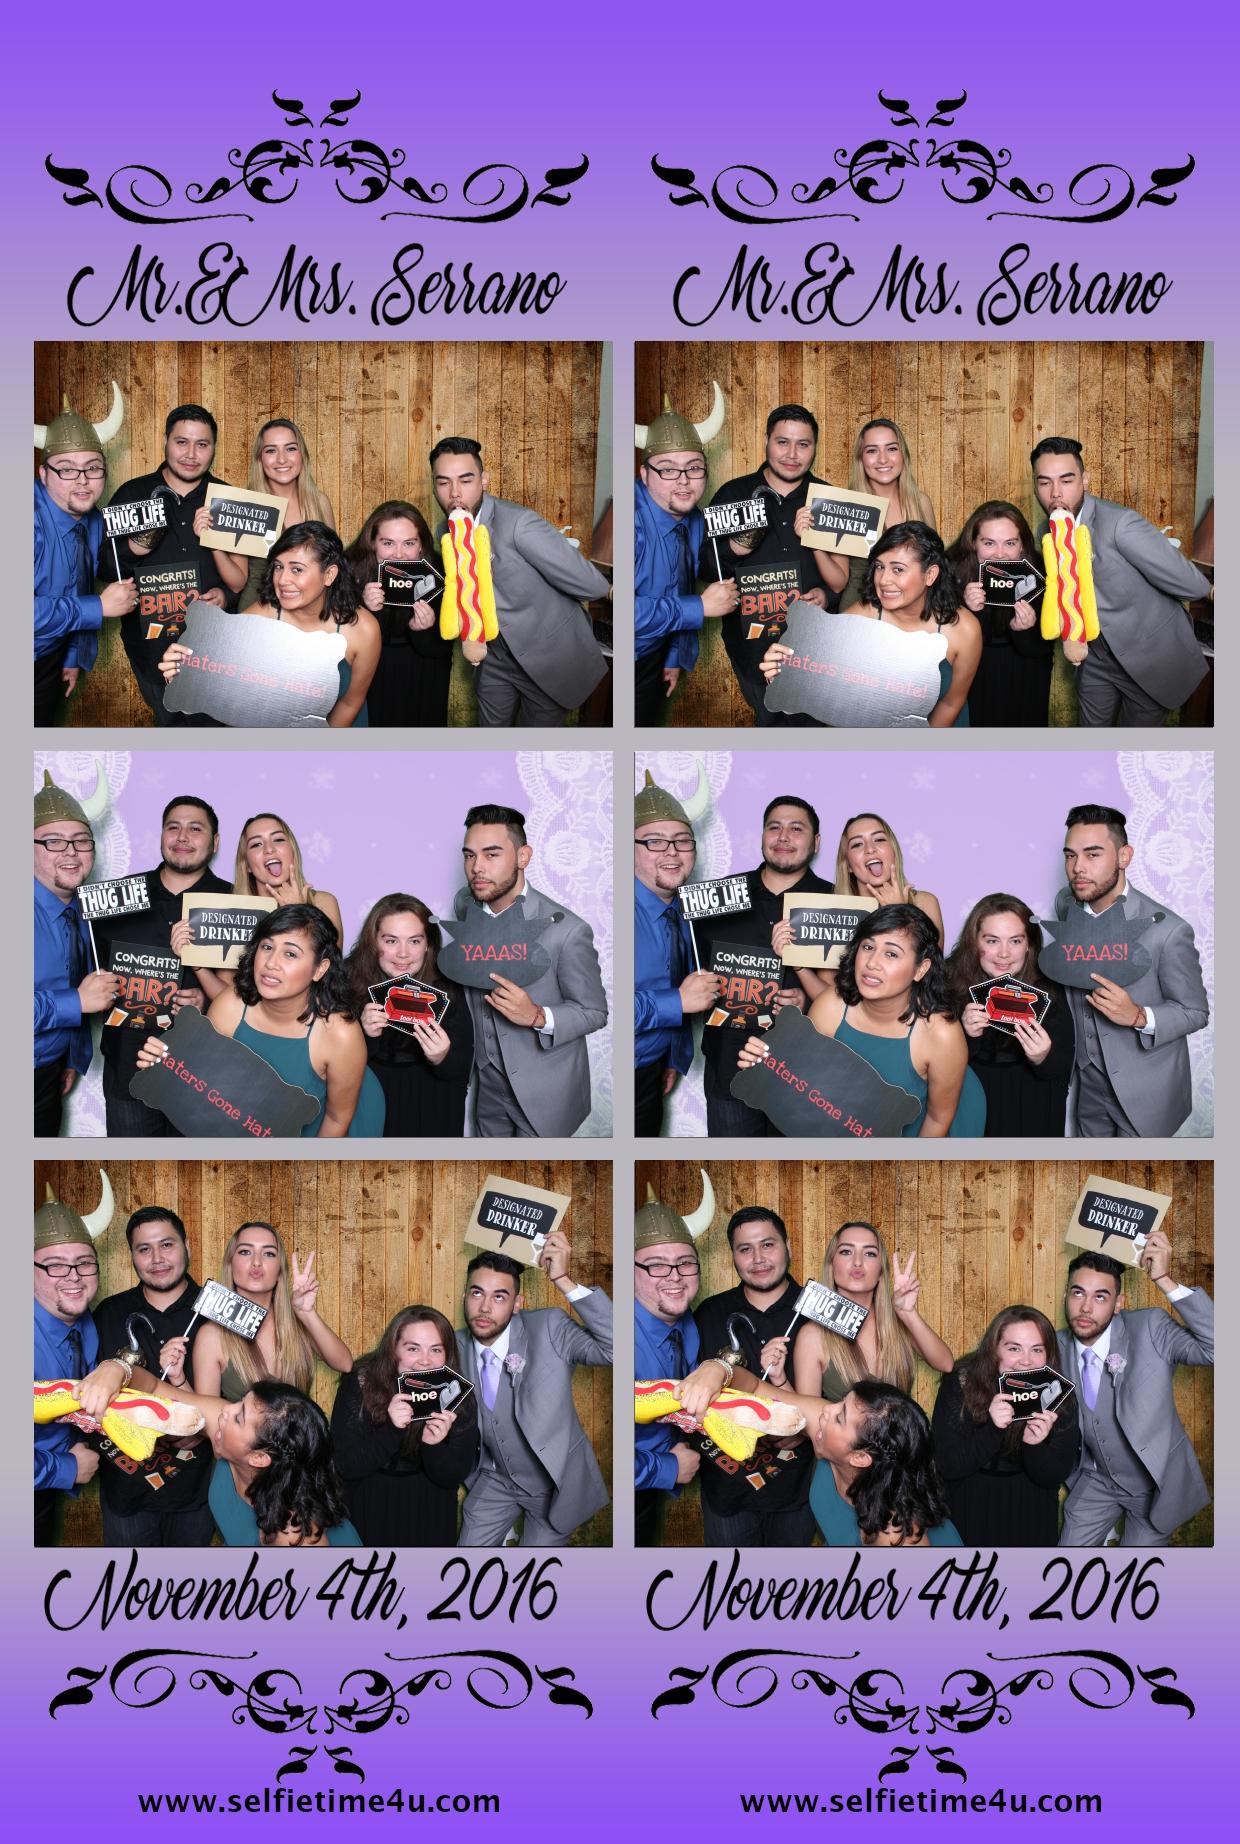 Fun at the wedding